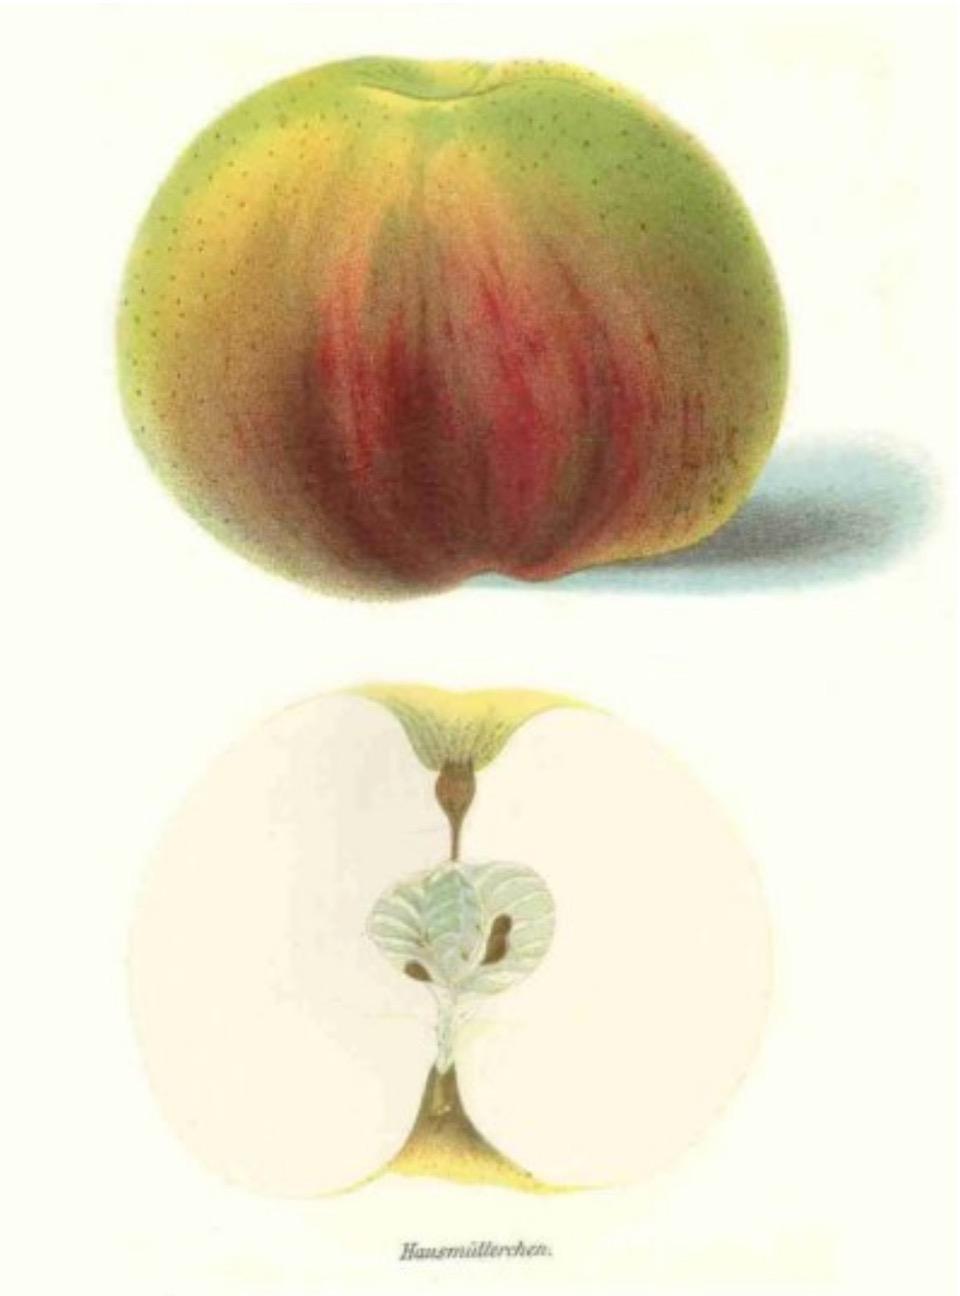 Historische Abbildung eines grünlich-rötlichen und eines aufgeschnittenen Apfels; BUND Lemgo Obstsortendatenbank